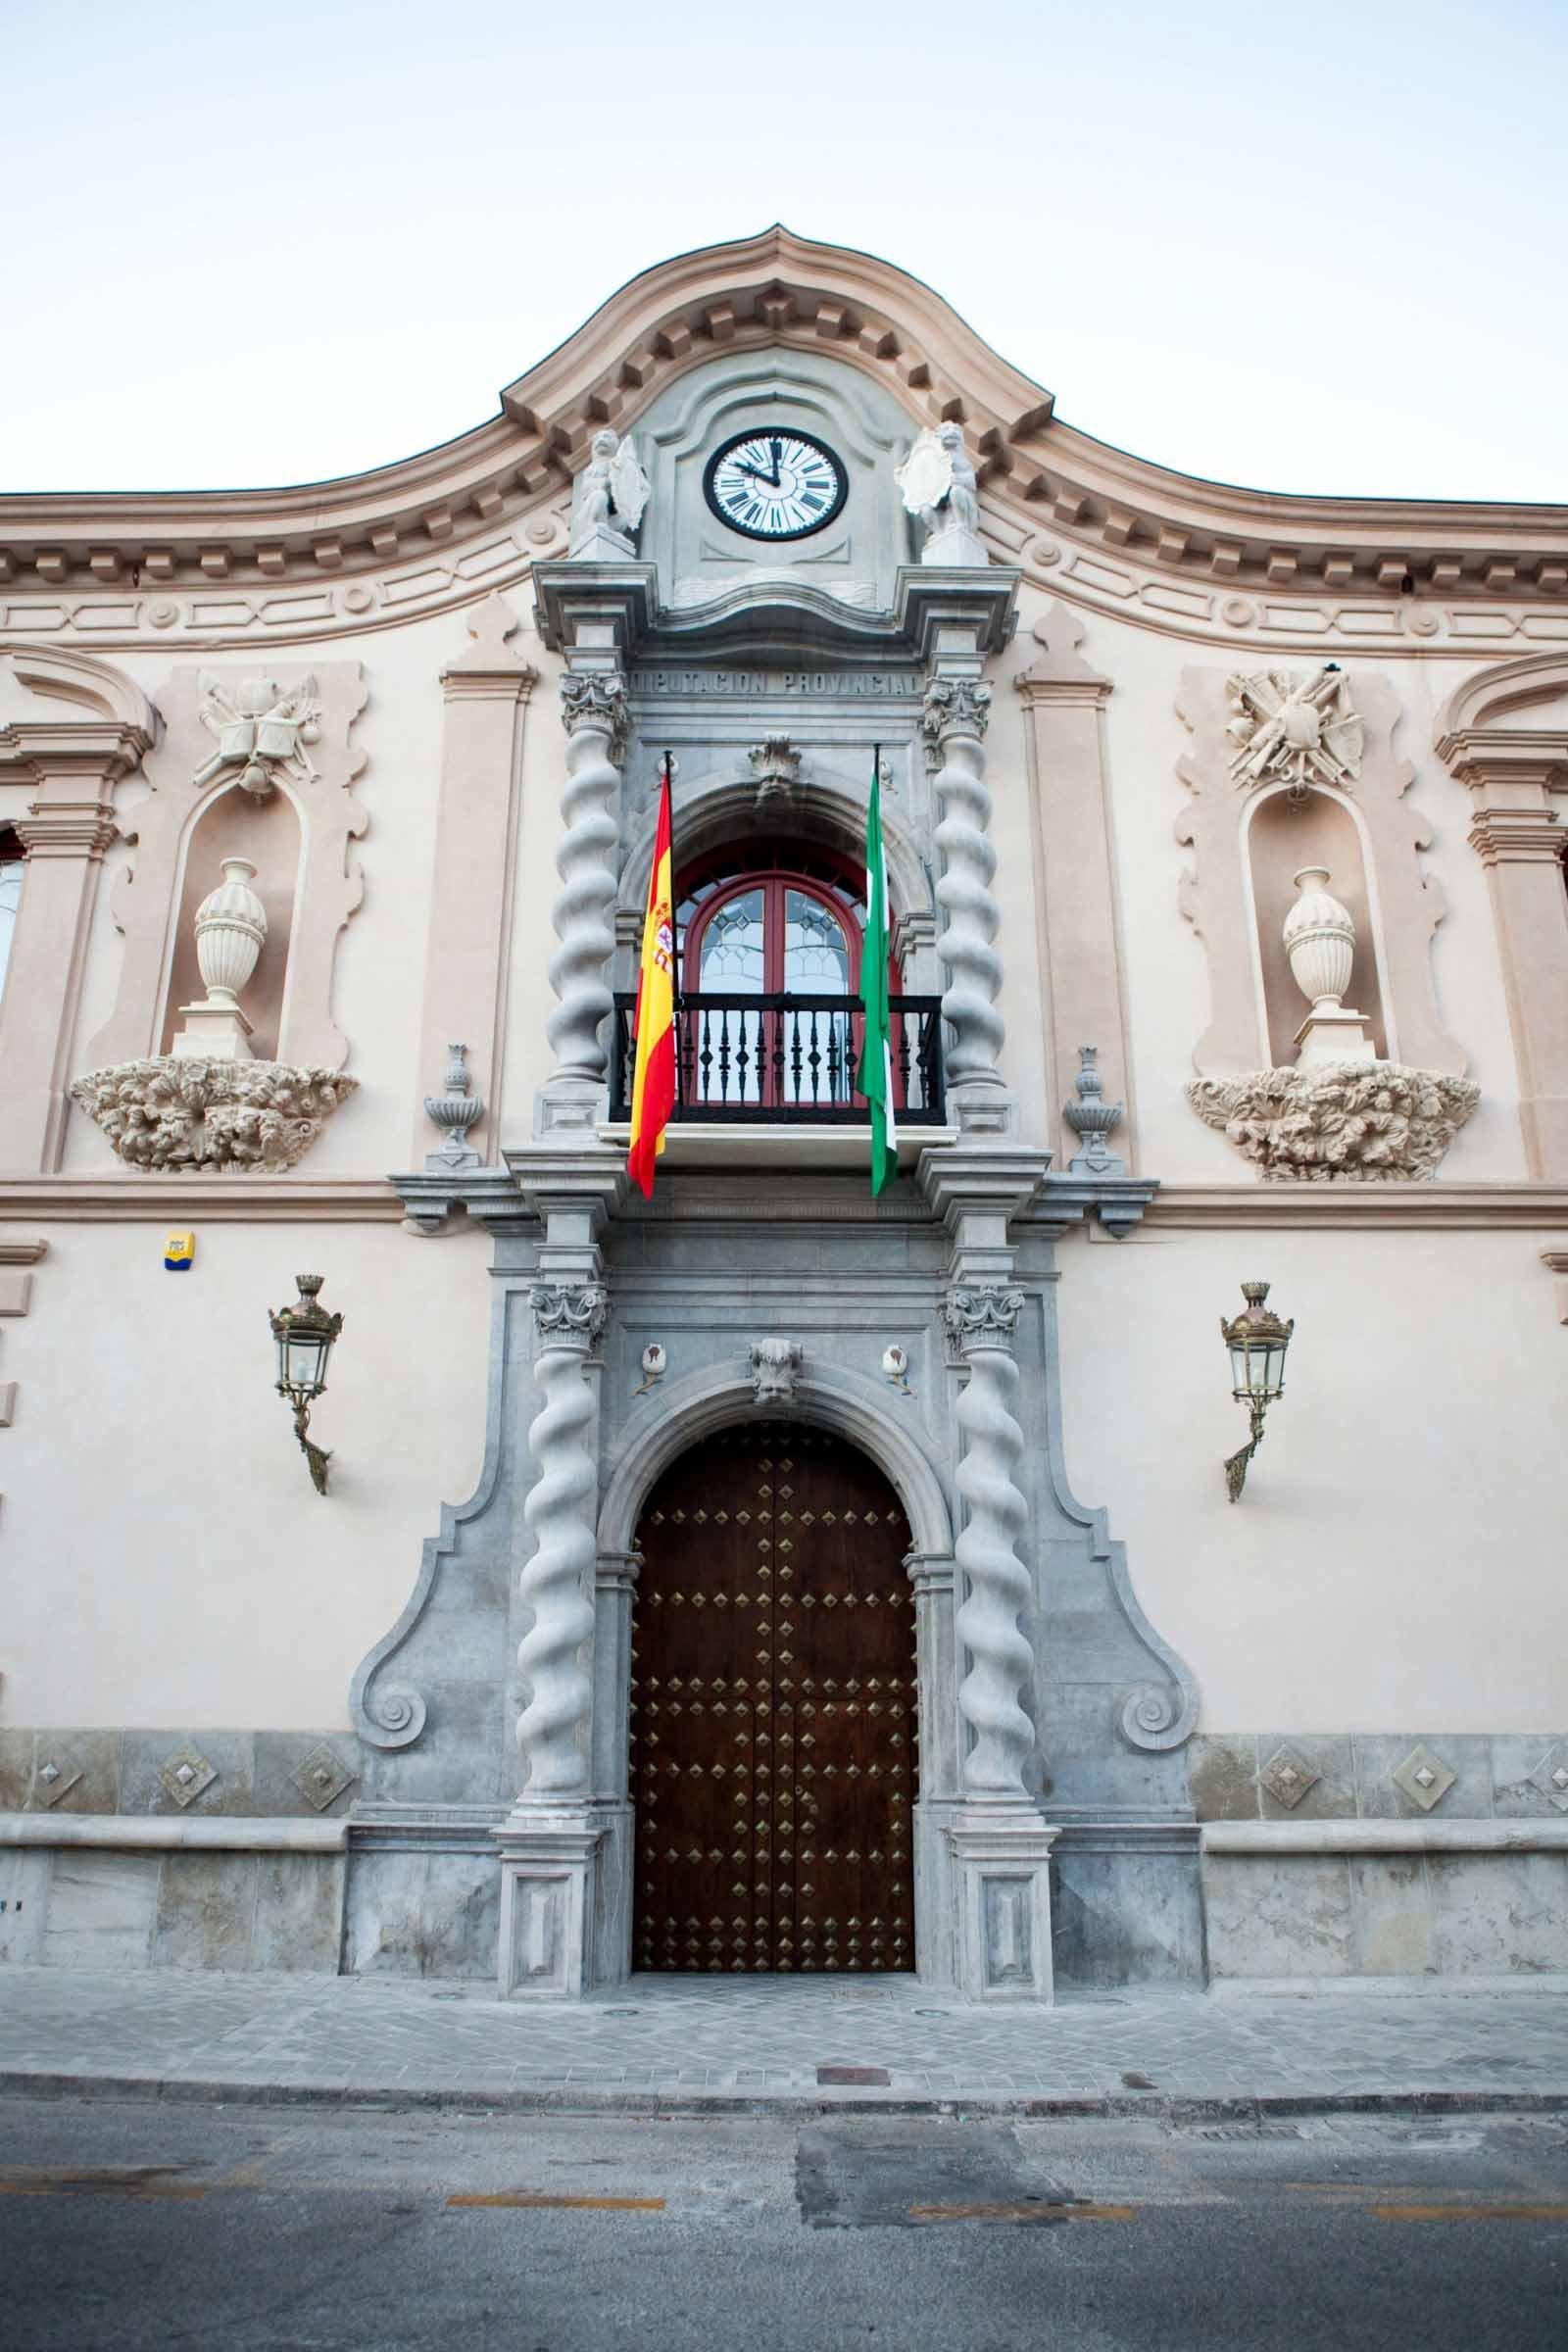 Fachada edificio antiguo con puertas y ventanas restauradas